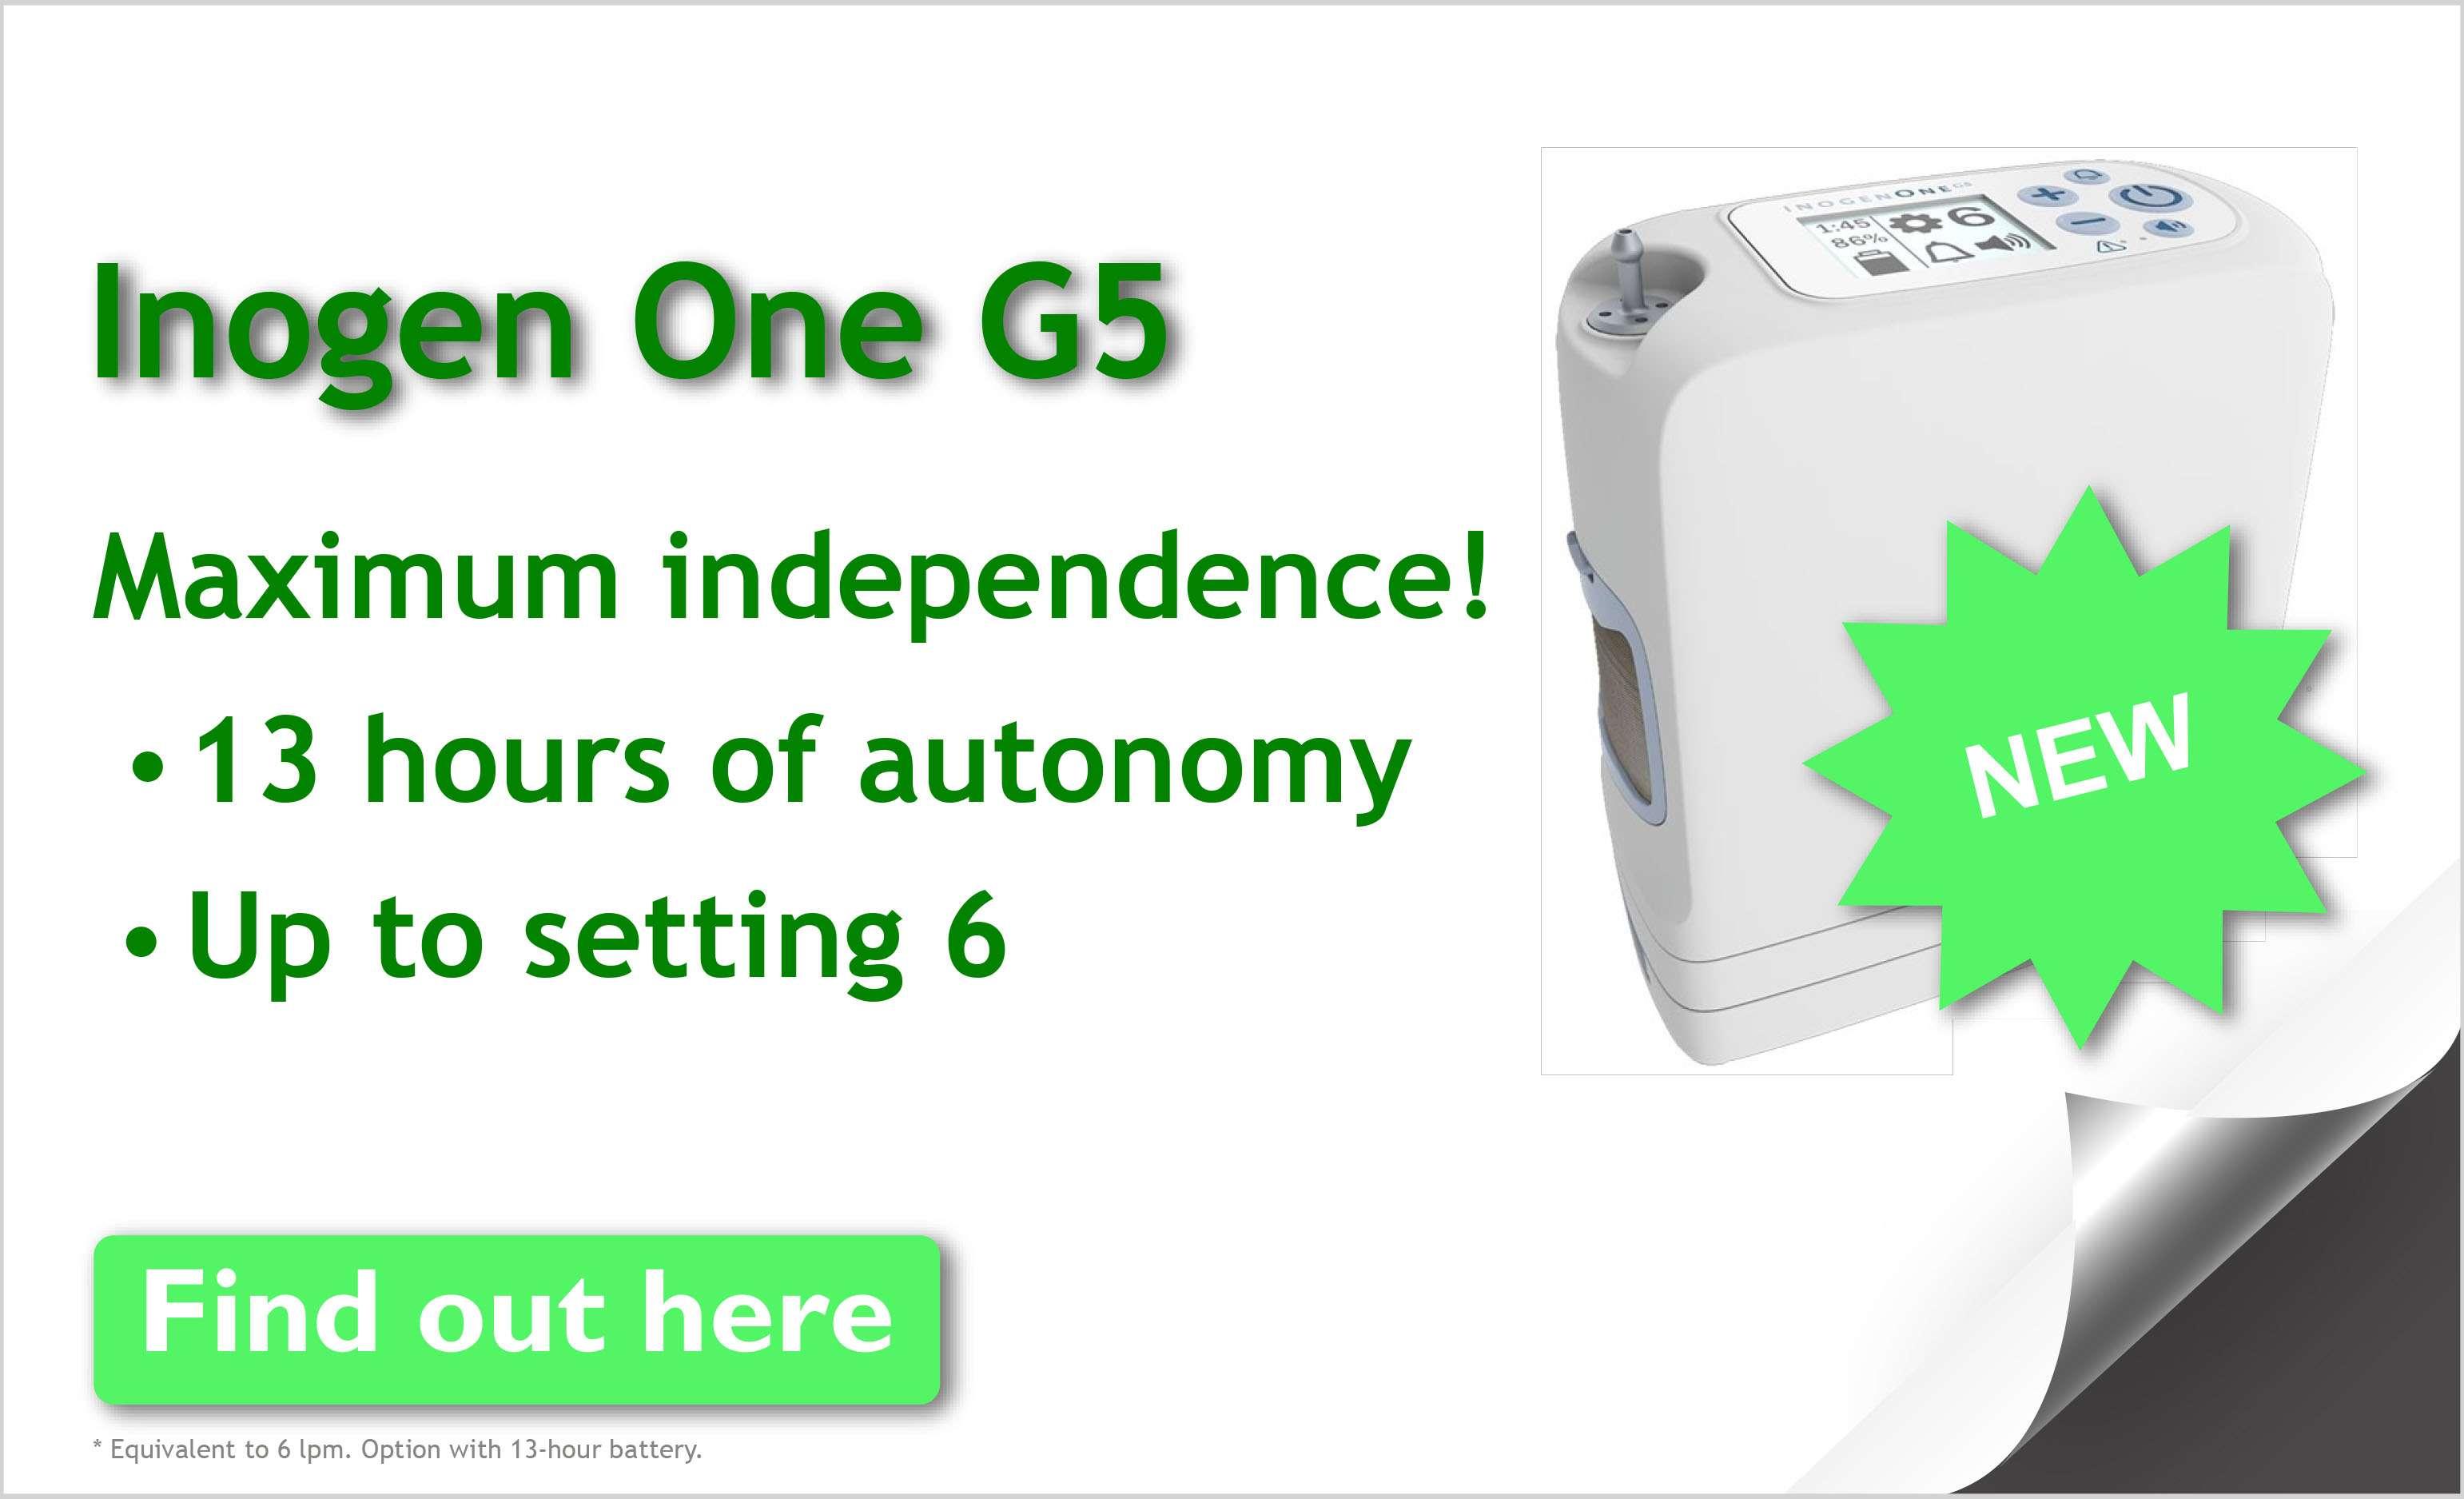 inogen g5